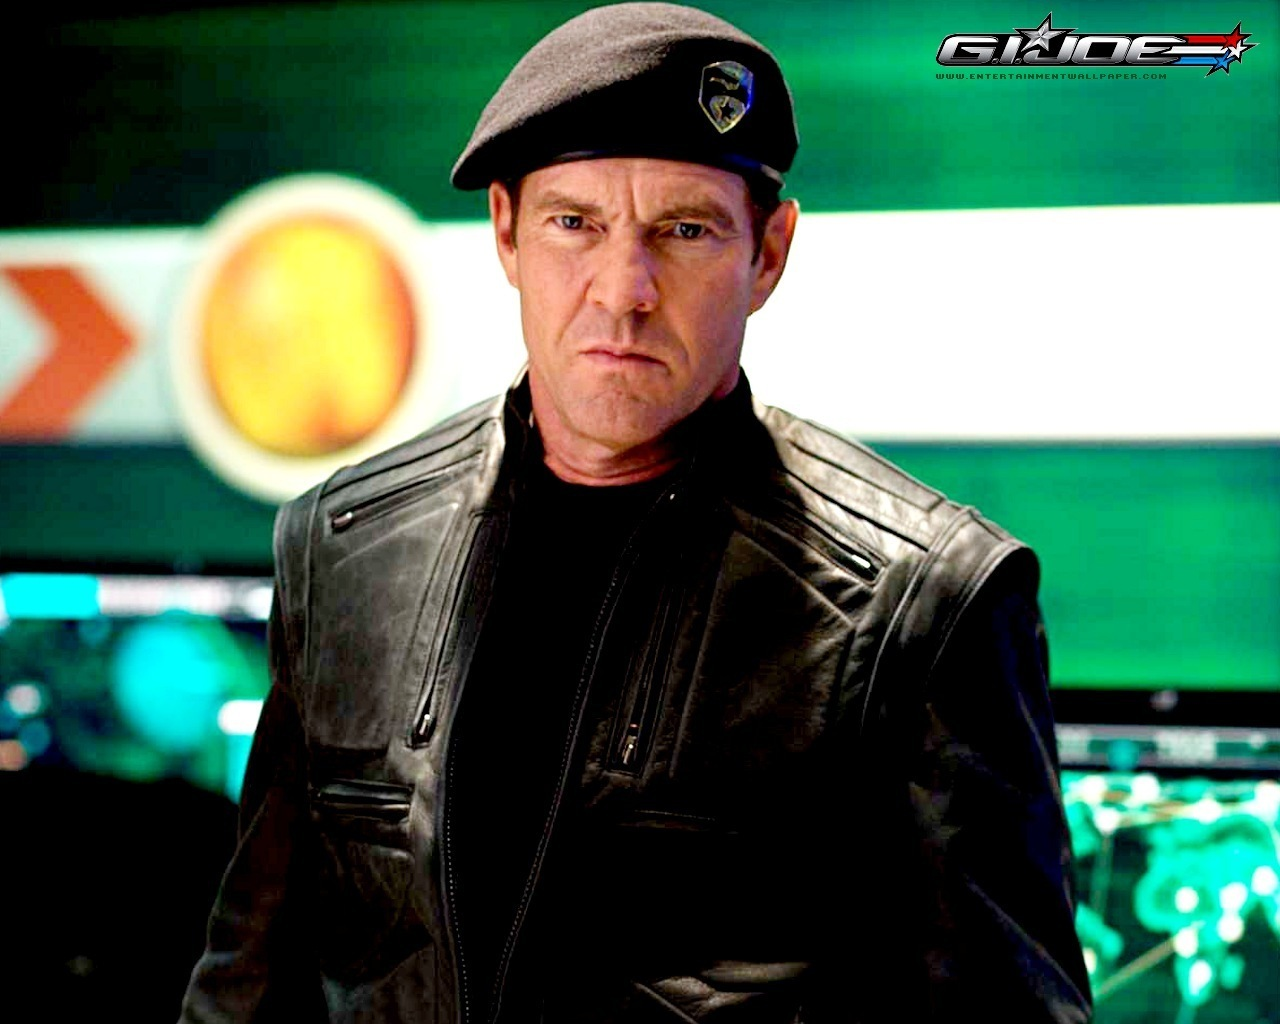 G.I. Joe: Rise of Cobra